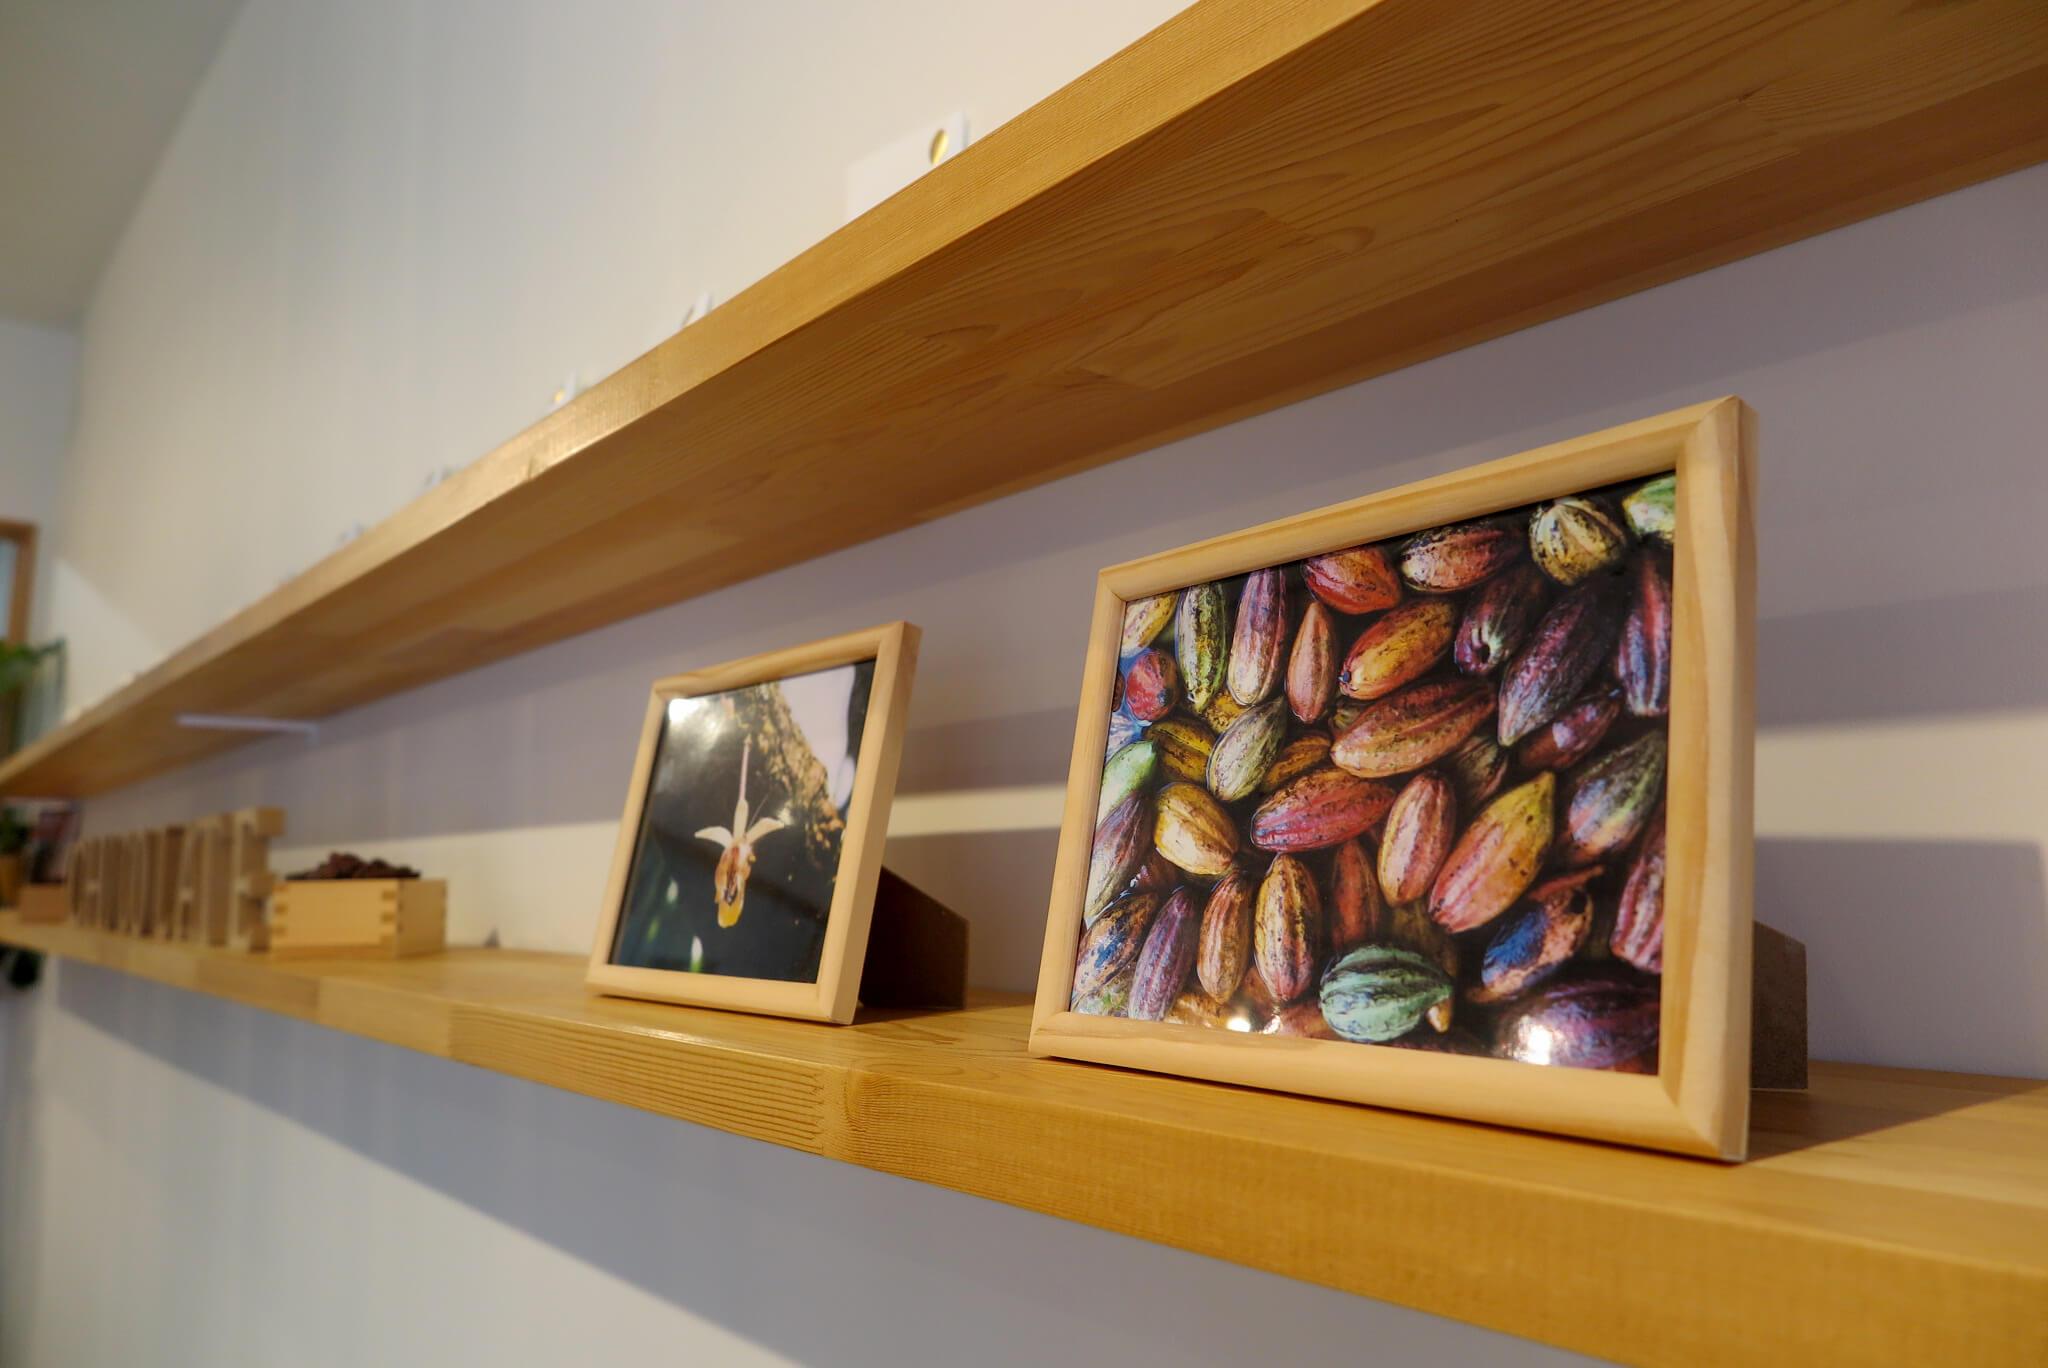 ローカルWEBメディア・地域サイト 草加ローカルストーリー 増田恭子さん チョコレート 専門店 cocomas chocolate